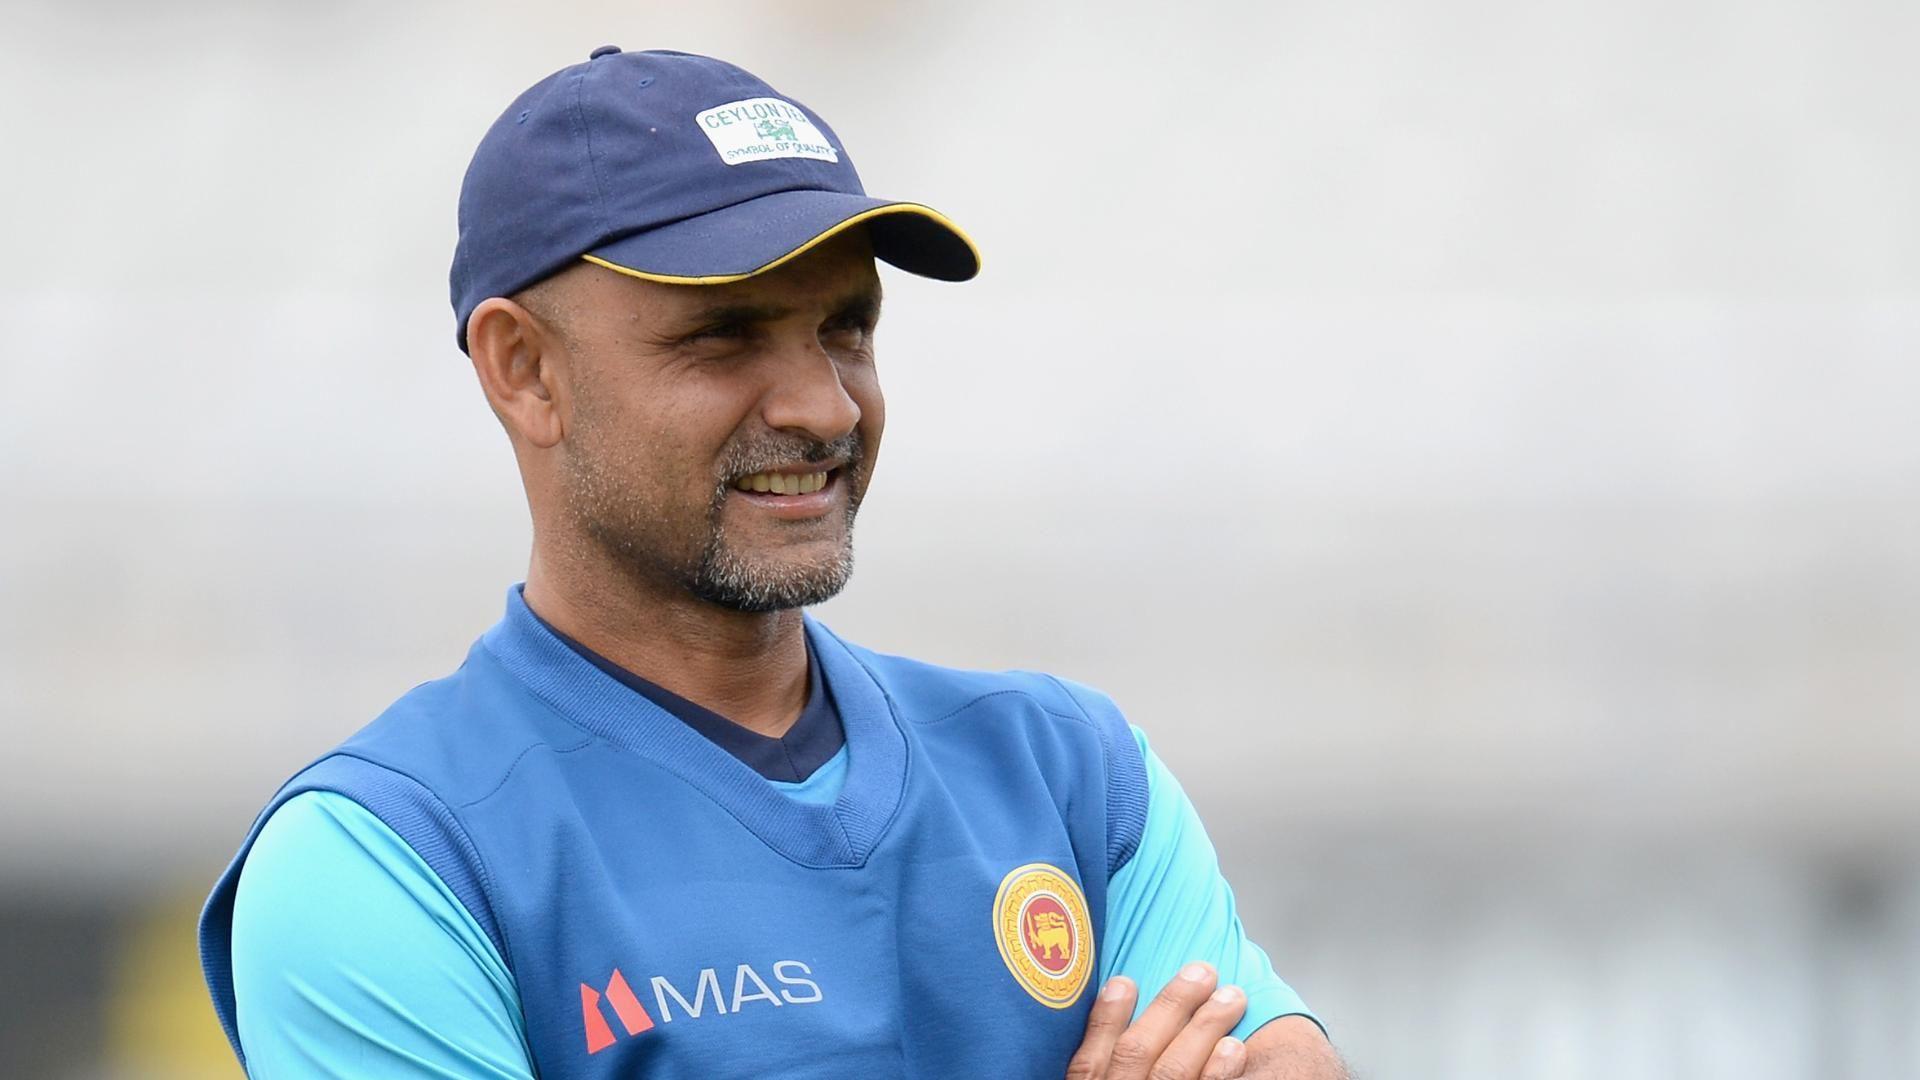 श्रीलंका टीम के पूर्व कप्तान मर्वन अटापट्टू ने बताया कि किस कारण टीम इस हालात में पहुँची श्रीलंका 2